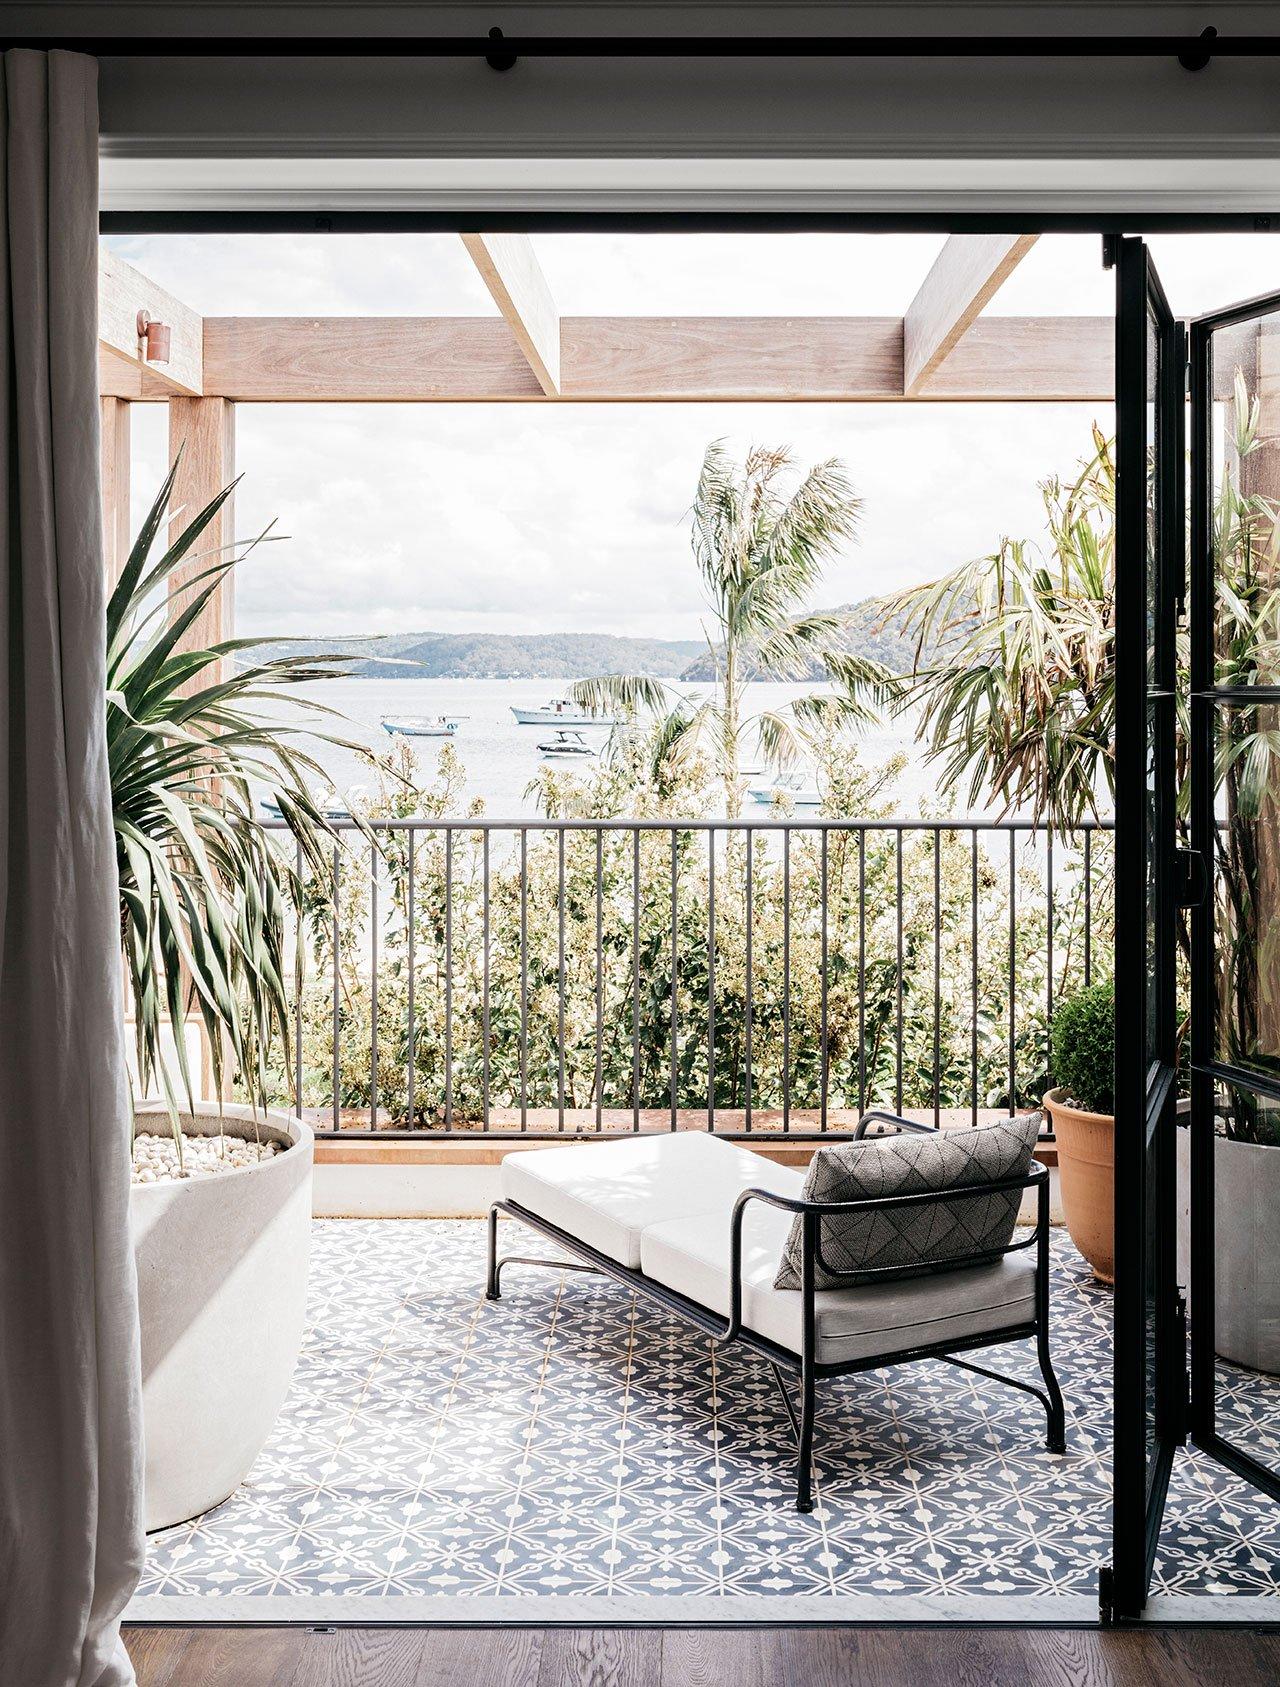 alexander-and-co-palm-beach-house-sydney-australia-15.jpg